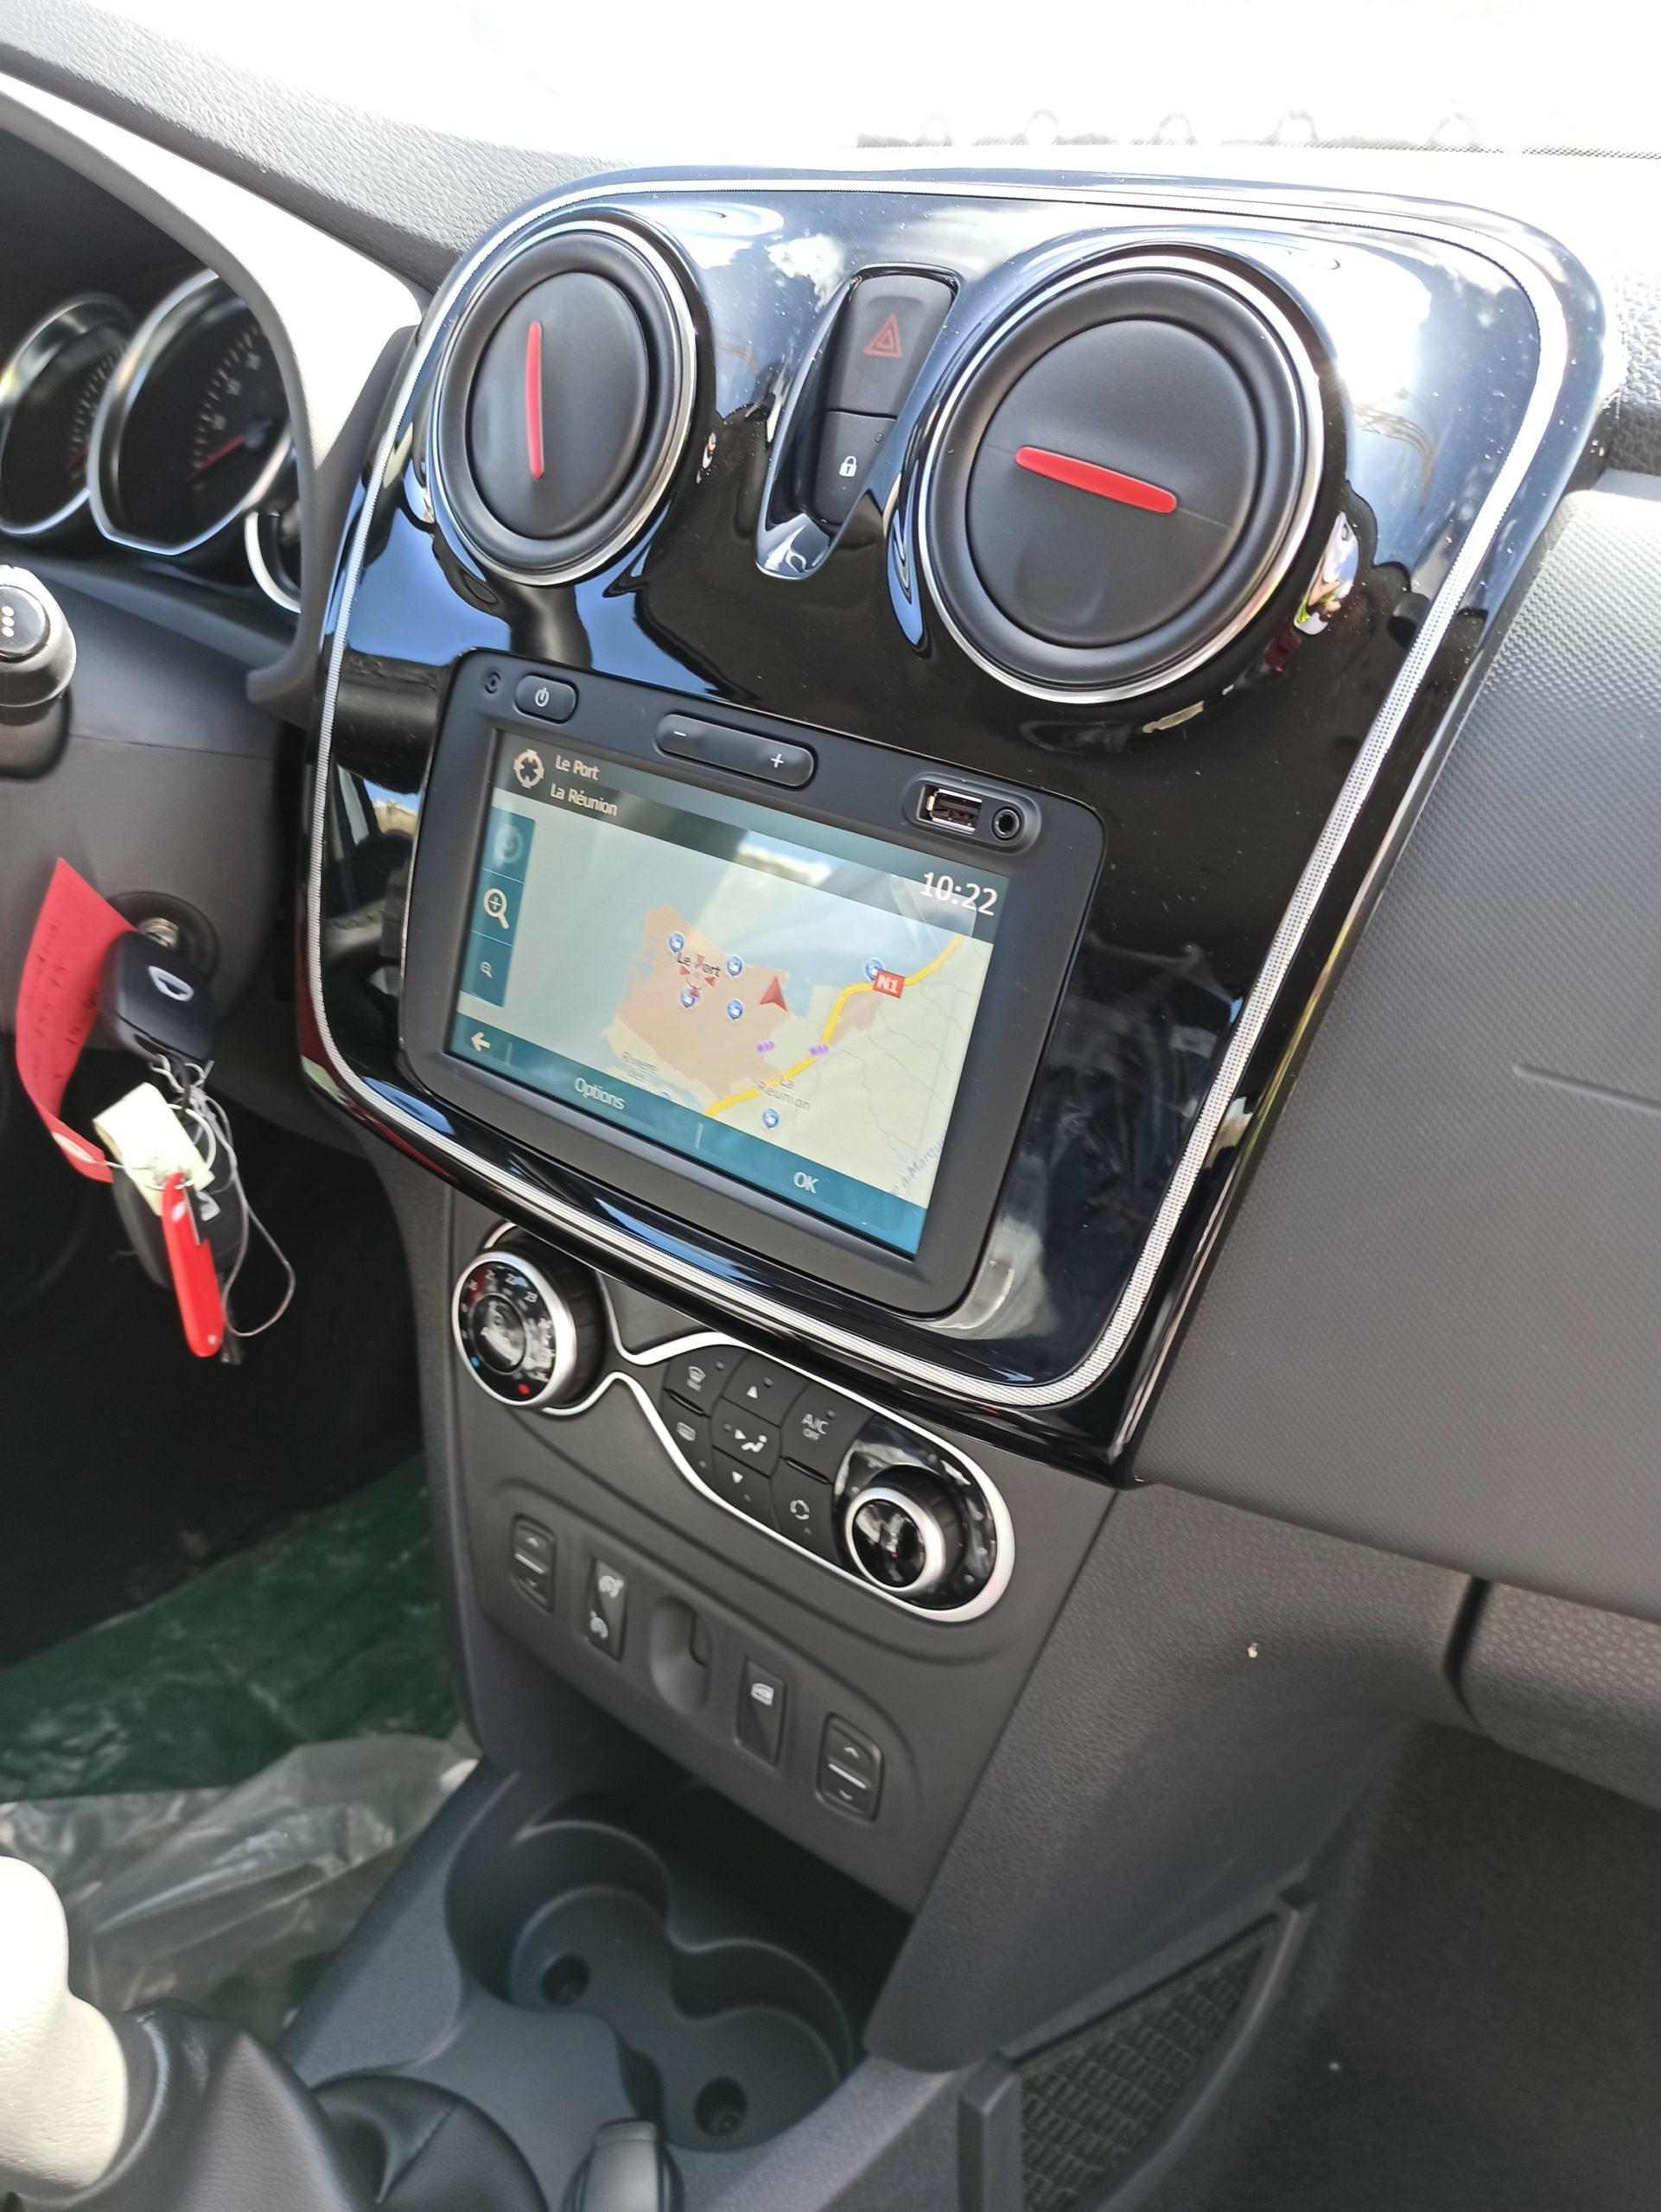 Dacia Sandero à la Réunion moins cher avec e-runcars